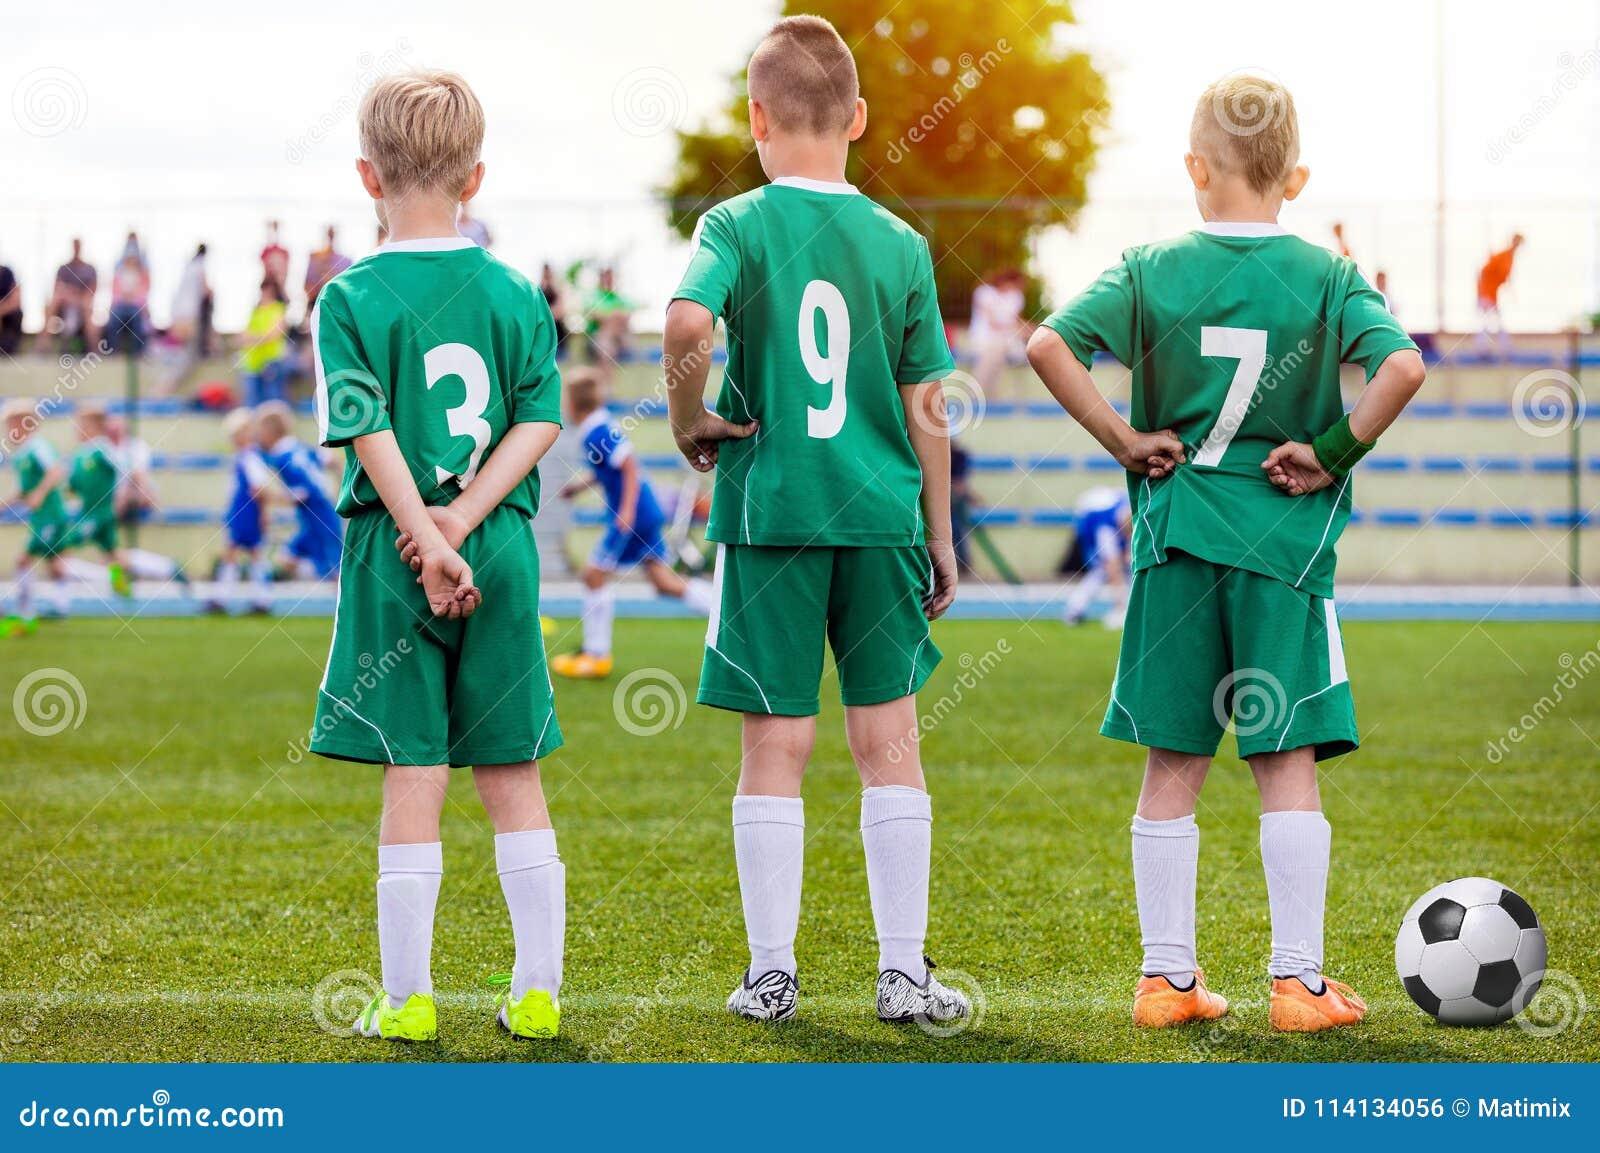 Children Football Team. Young Boys Watching Soccer Match